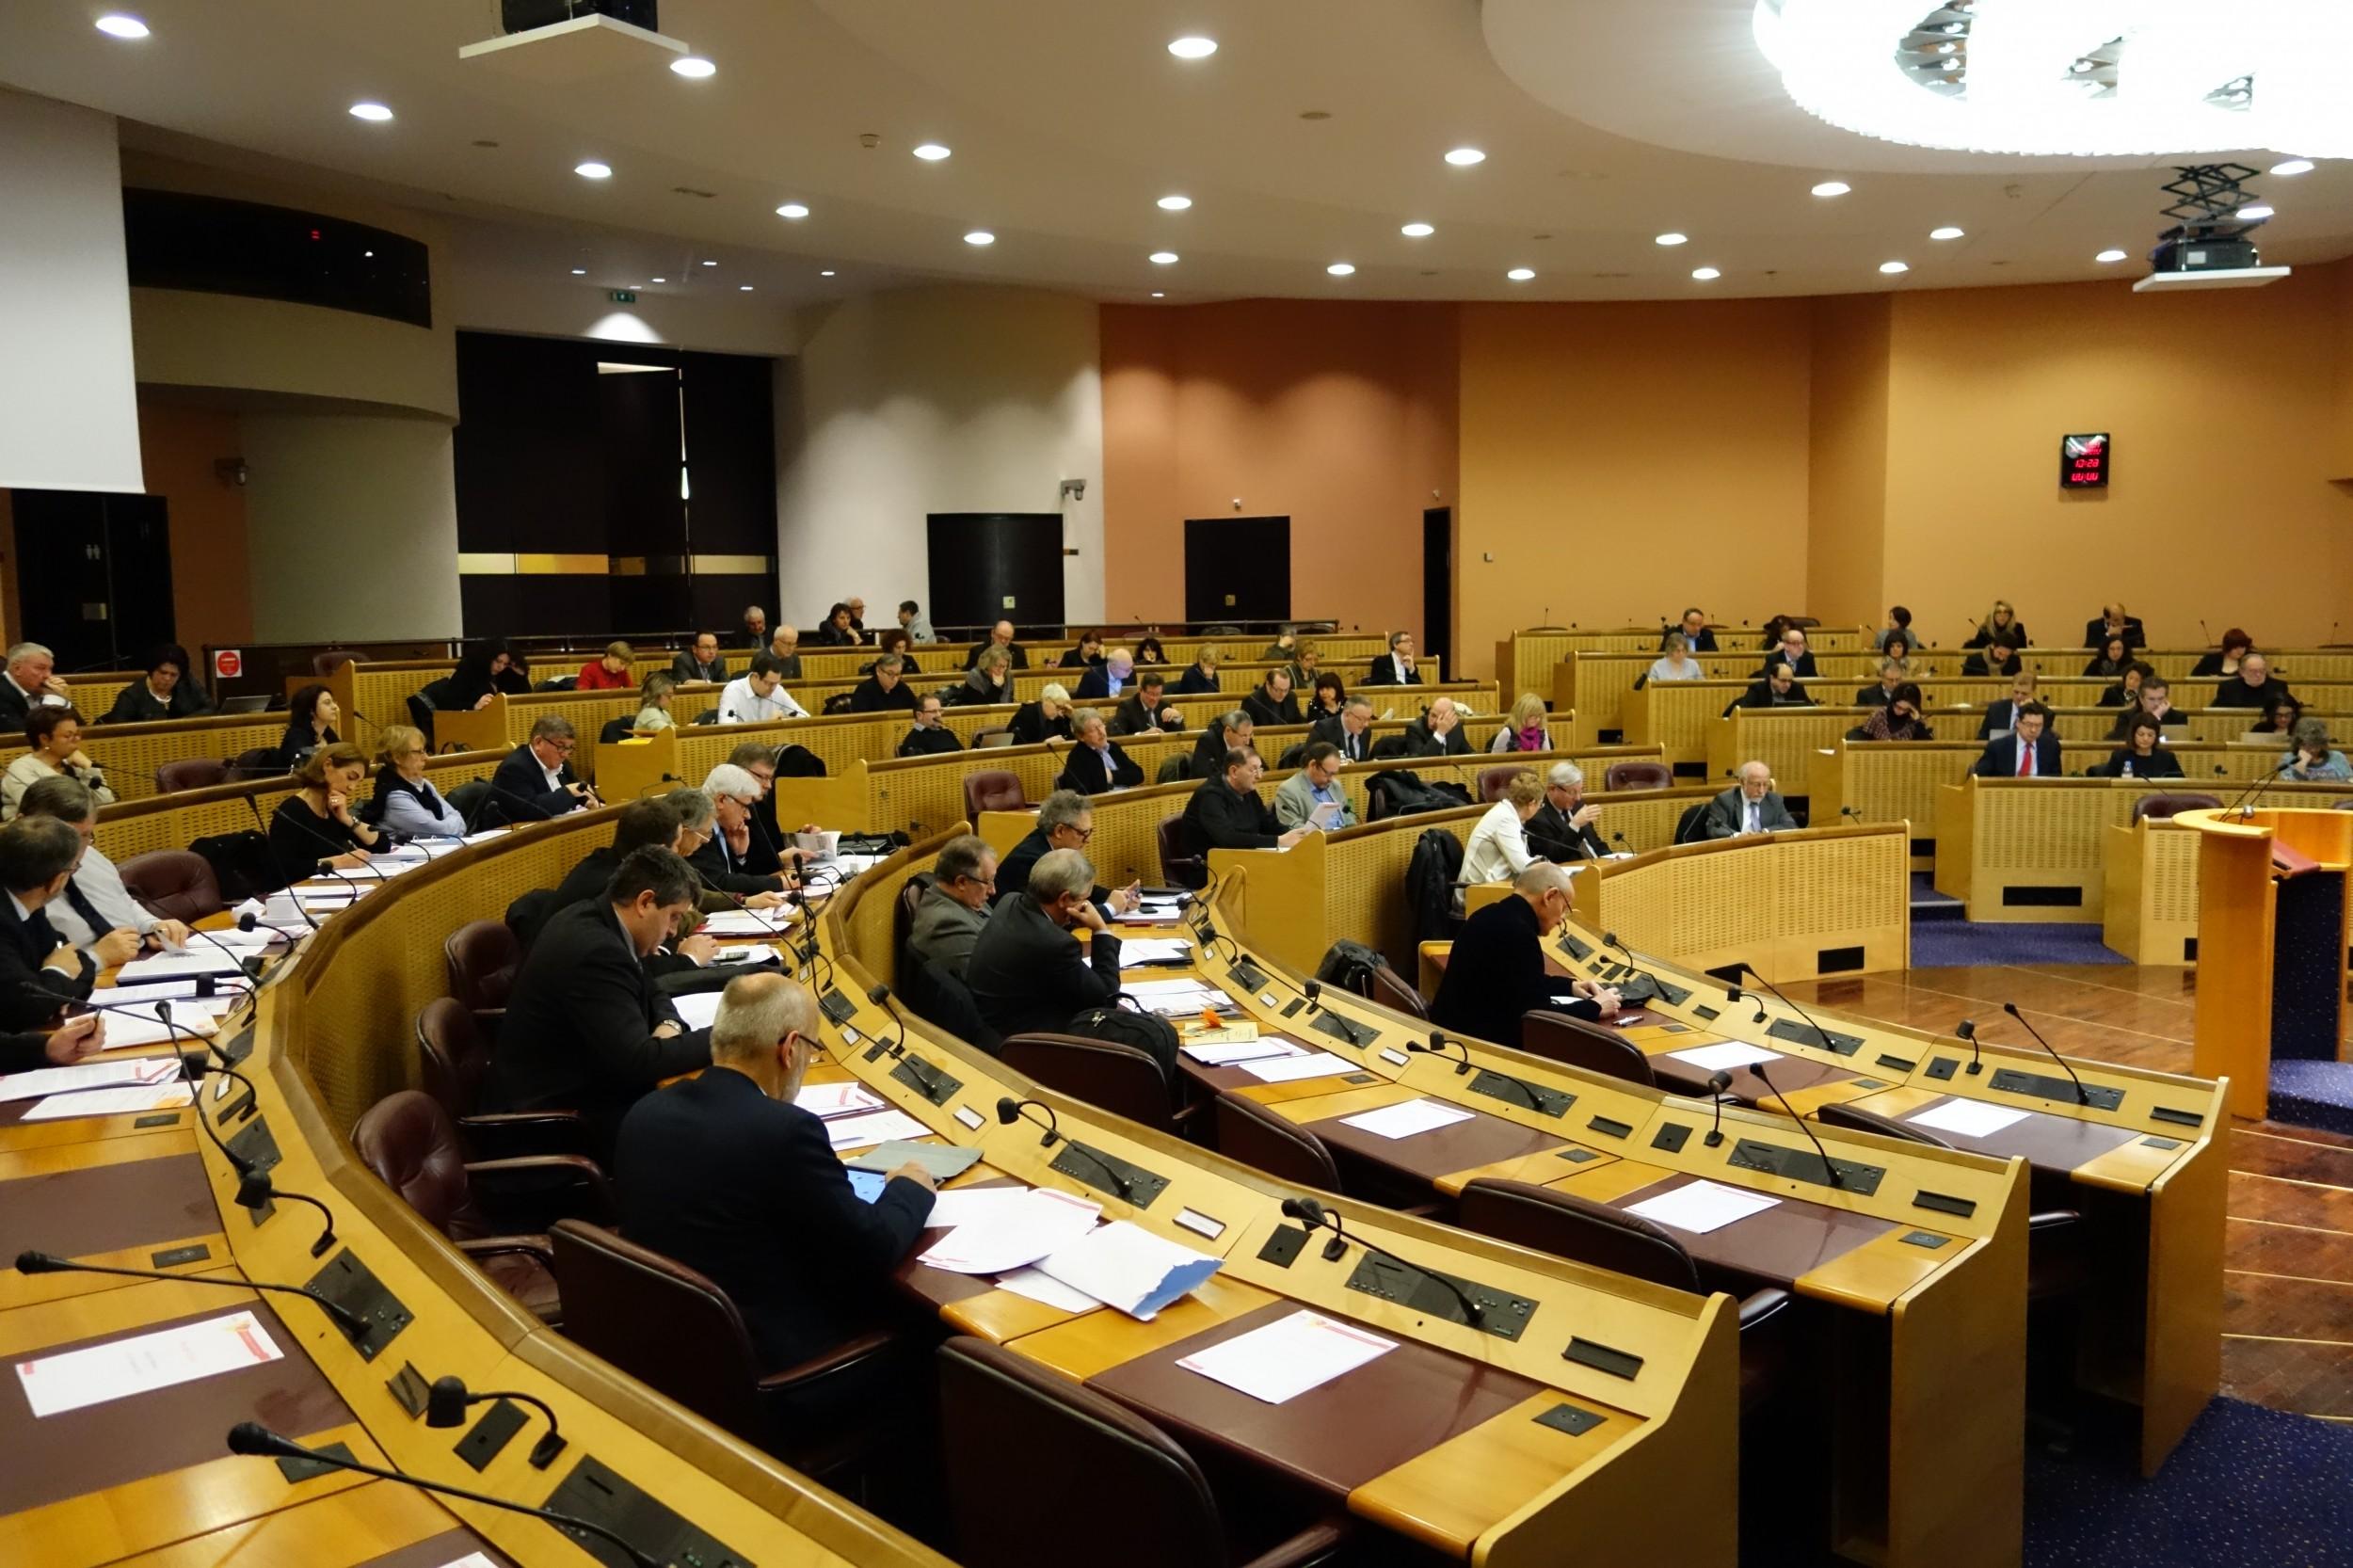 Renouvellement du CESE: le Mouvement associatif a communiqué au Ministre de la Ville, de la Jeunesse et des Sports, ses propositions pour la désignation   des membres du groupe des associations